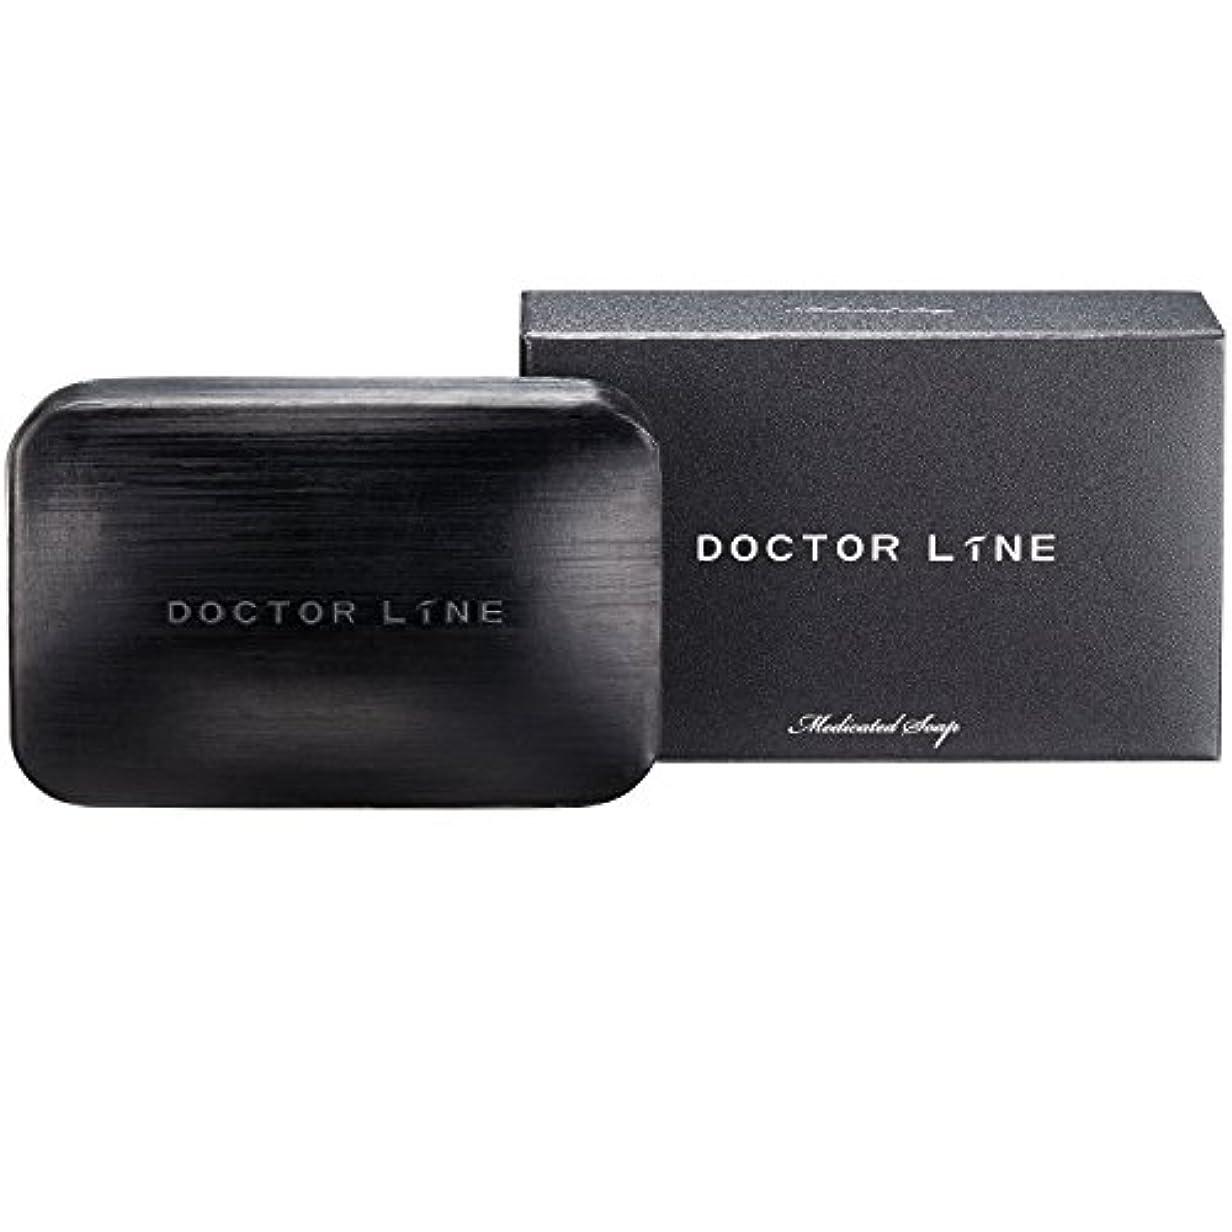 ライン矛盾する批判ドクターライン(Doctor Line) 薬用 リファインソープ(医薬部外品)